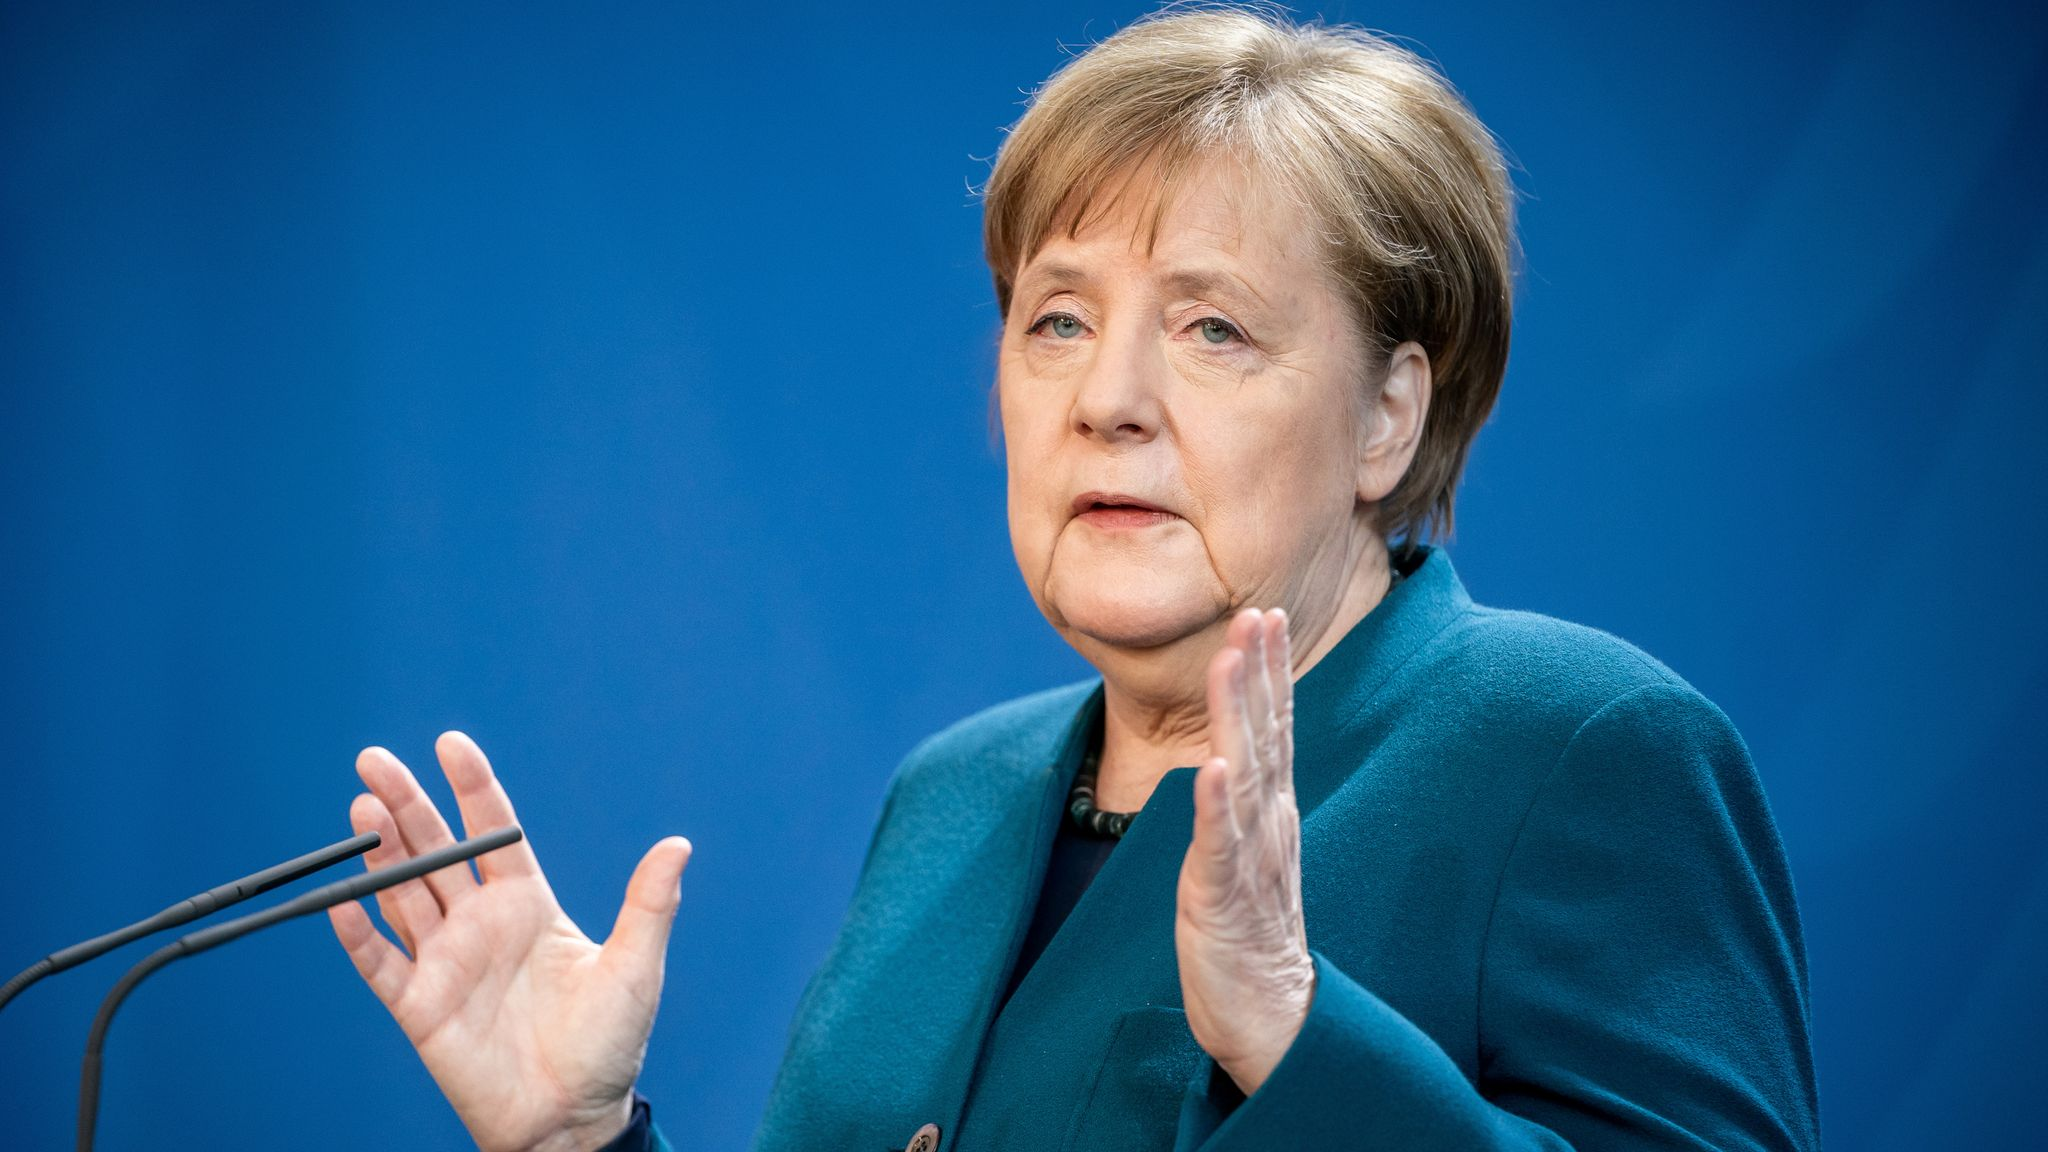 Germania patria delle disuguaglianze<br>Cresce il numero dei poveri